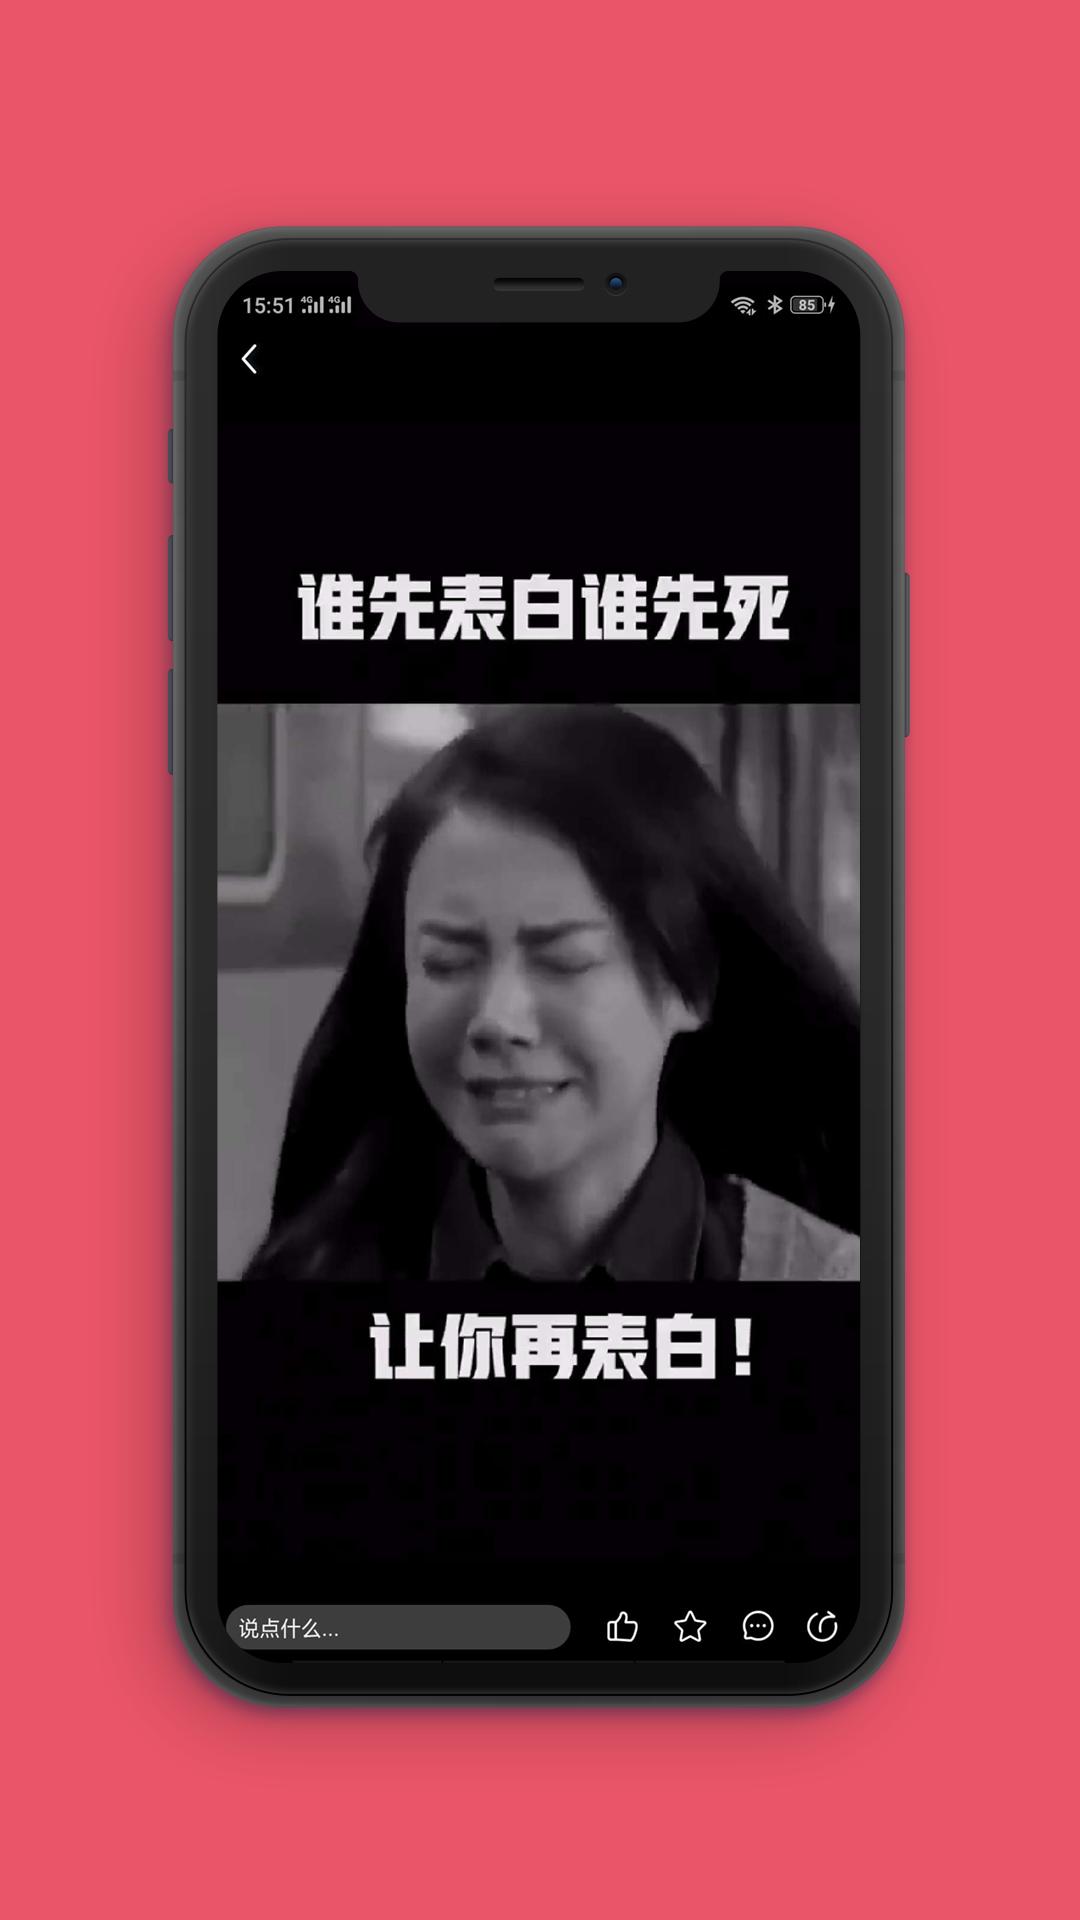 全民爱搞笑 V3.1.1 安卓版截图1